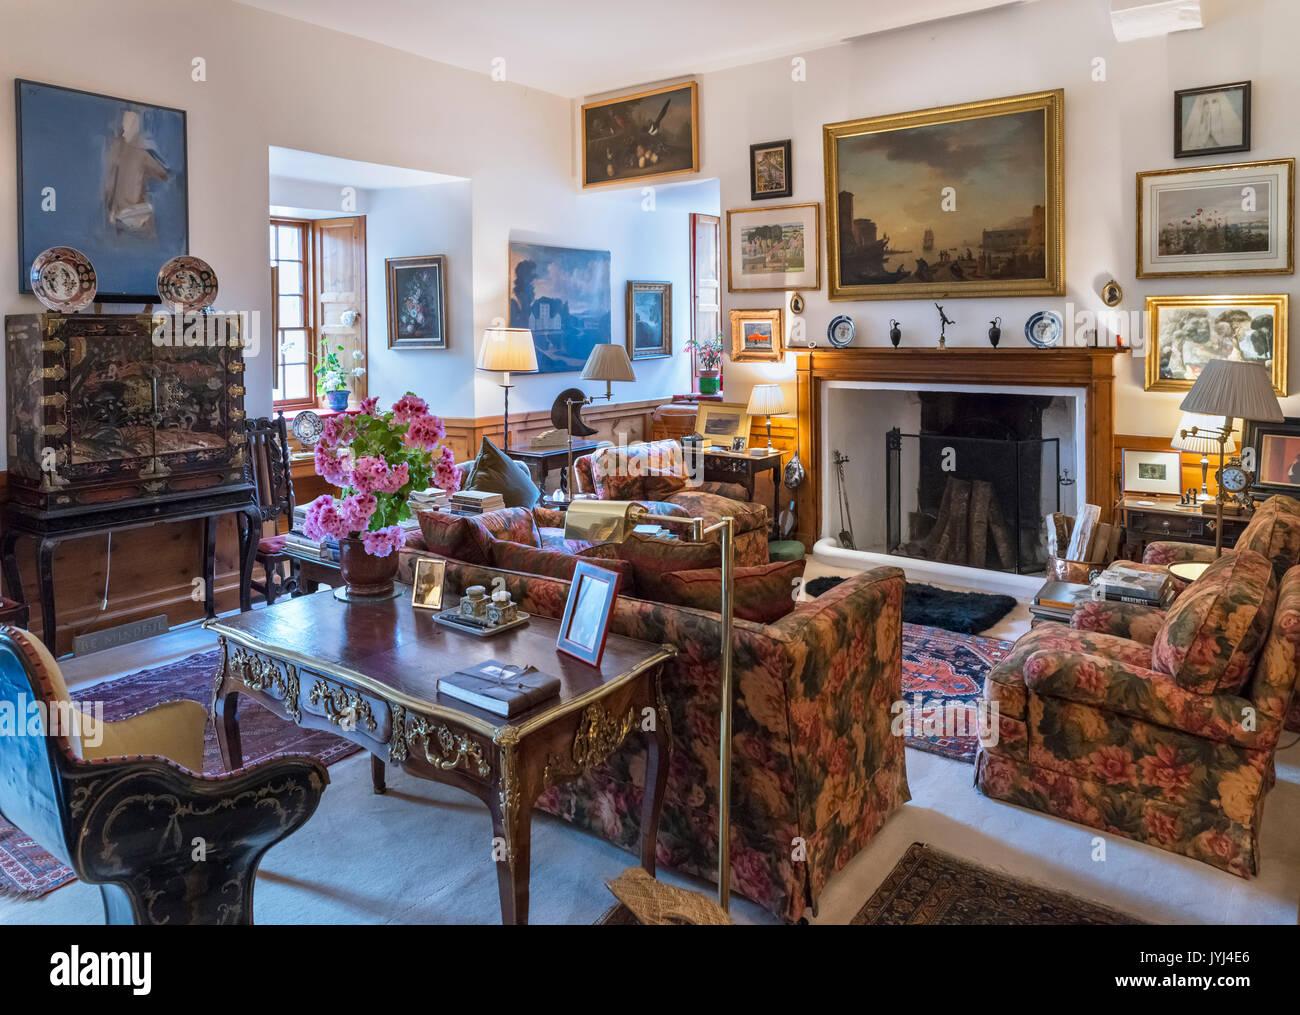 La habitación de la torre en el Castillo Cawdor, Cawdor, Nairn, Highland, Scotland, Reino Unido Imagen De Stock